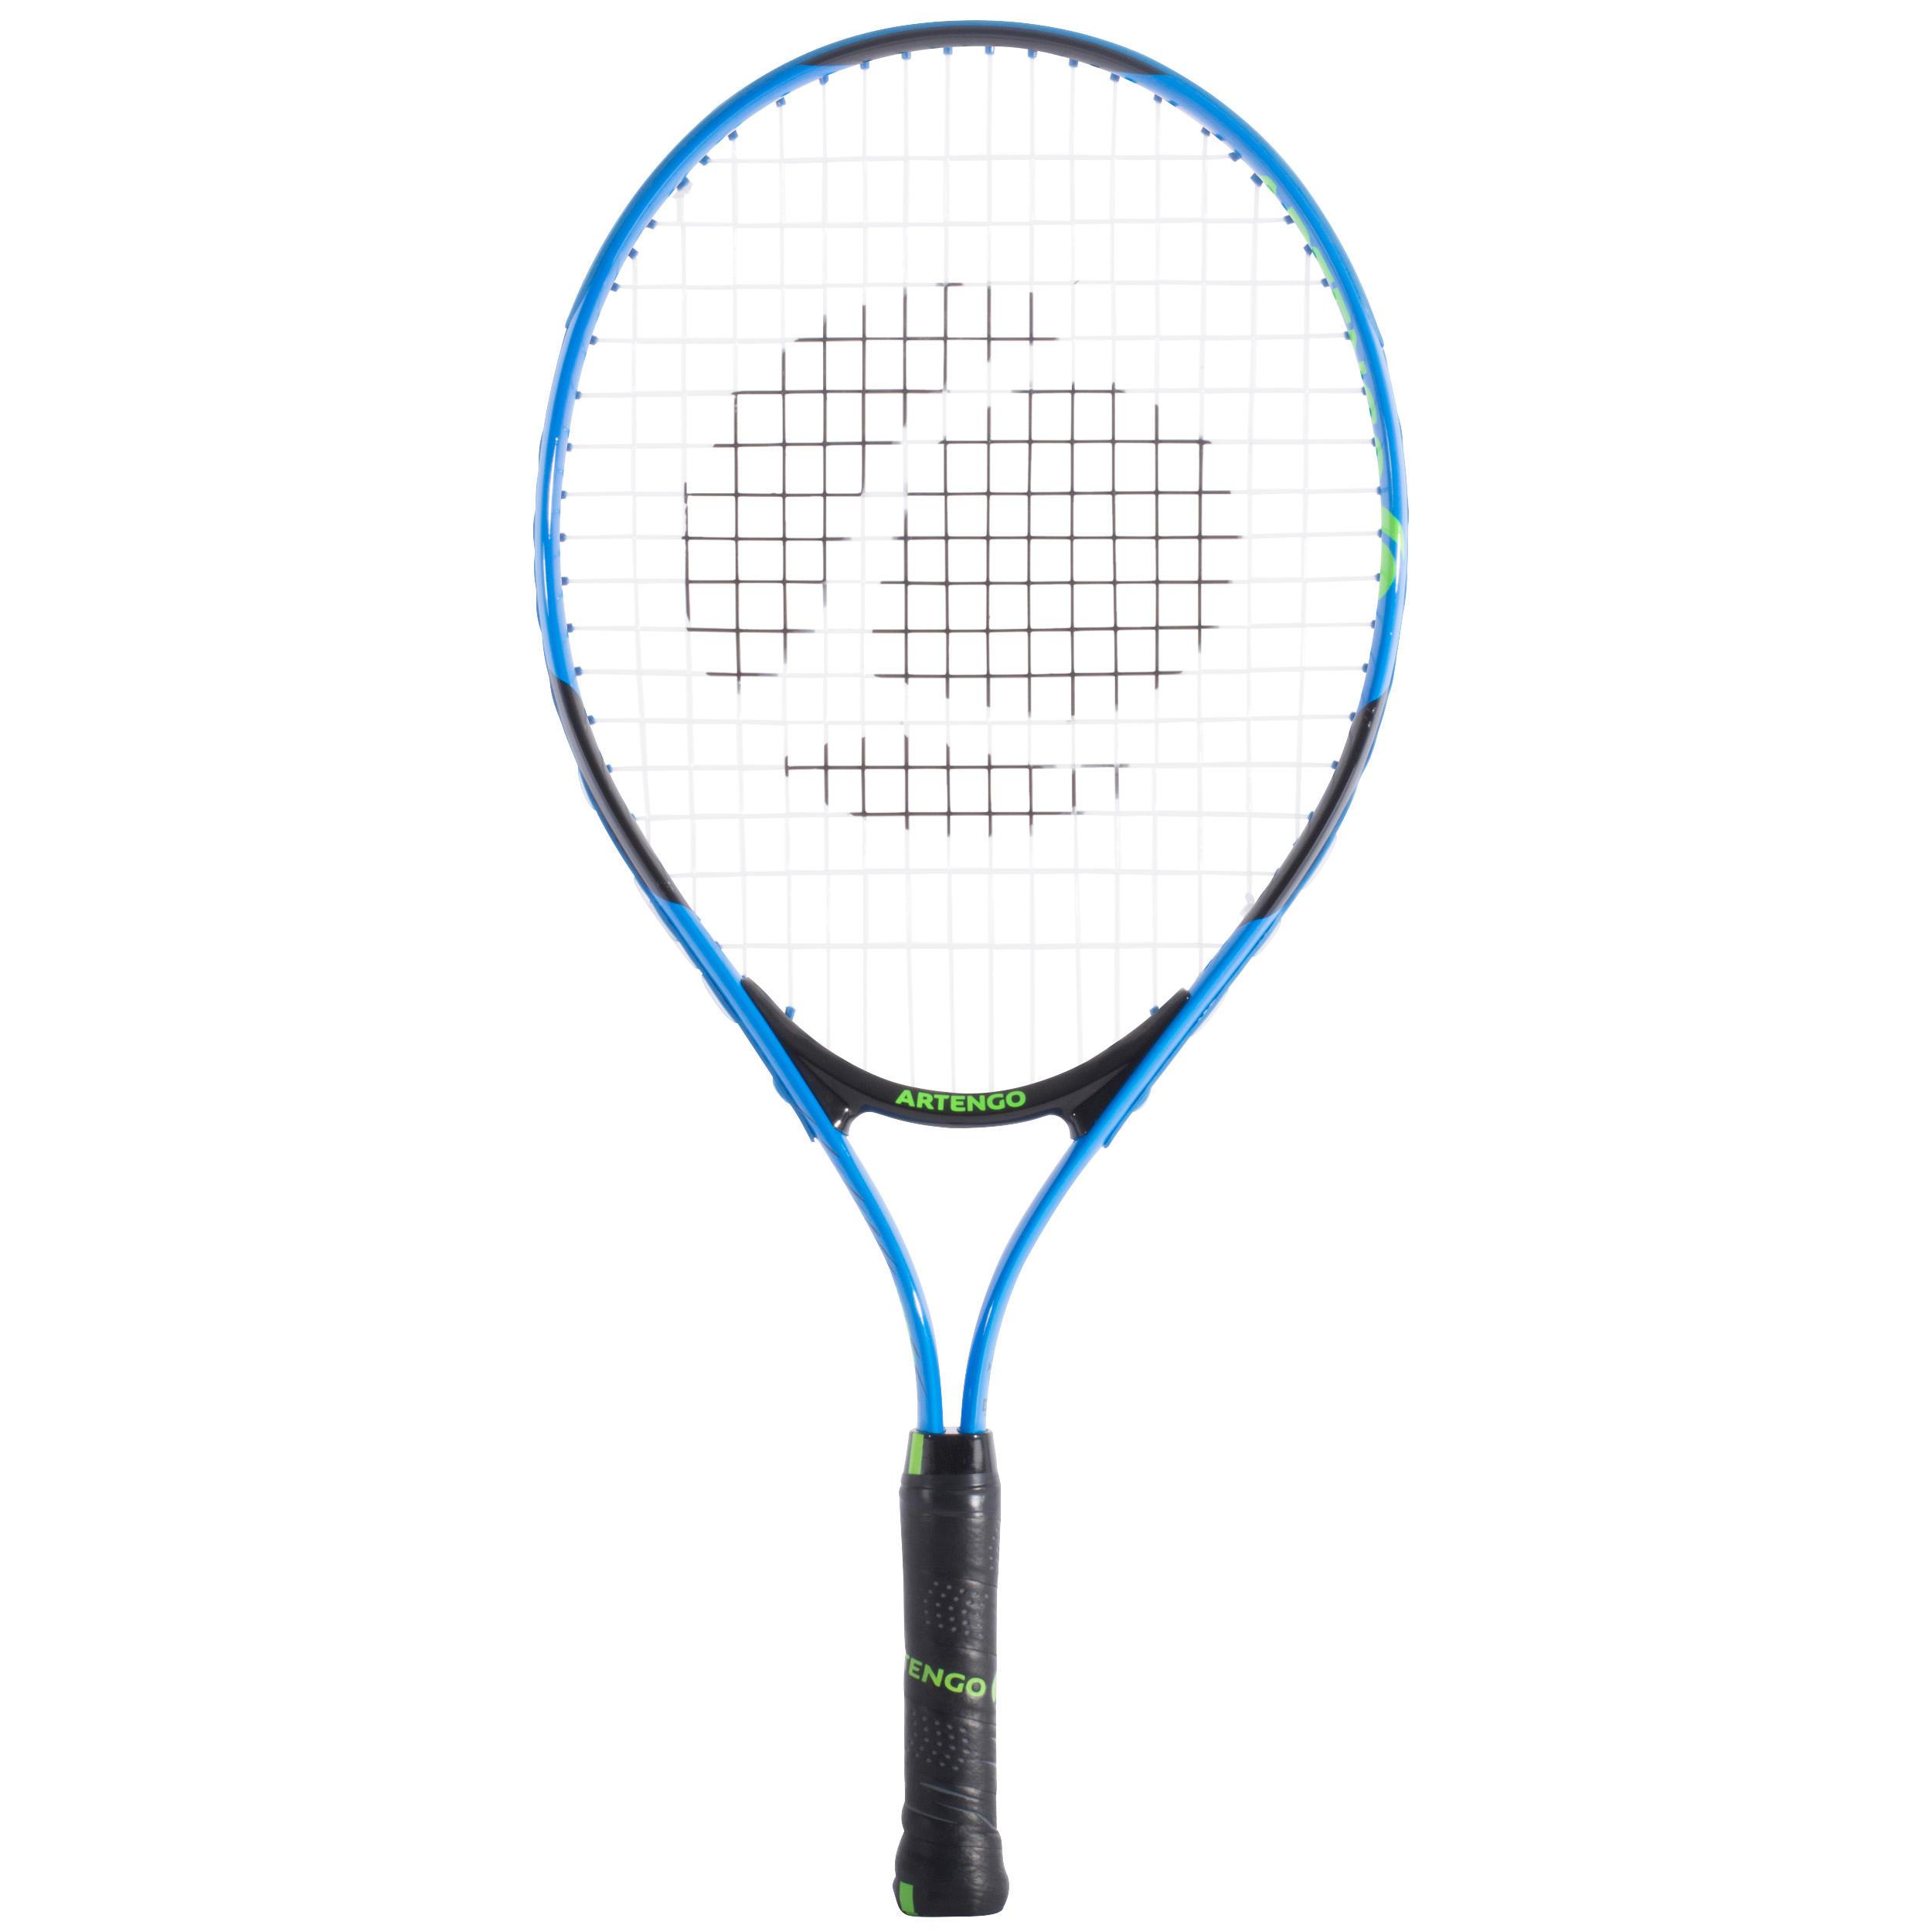 Artengo Tennisracket voor kinderen TR130 23